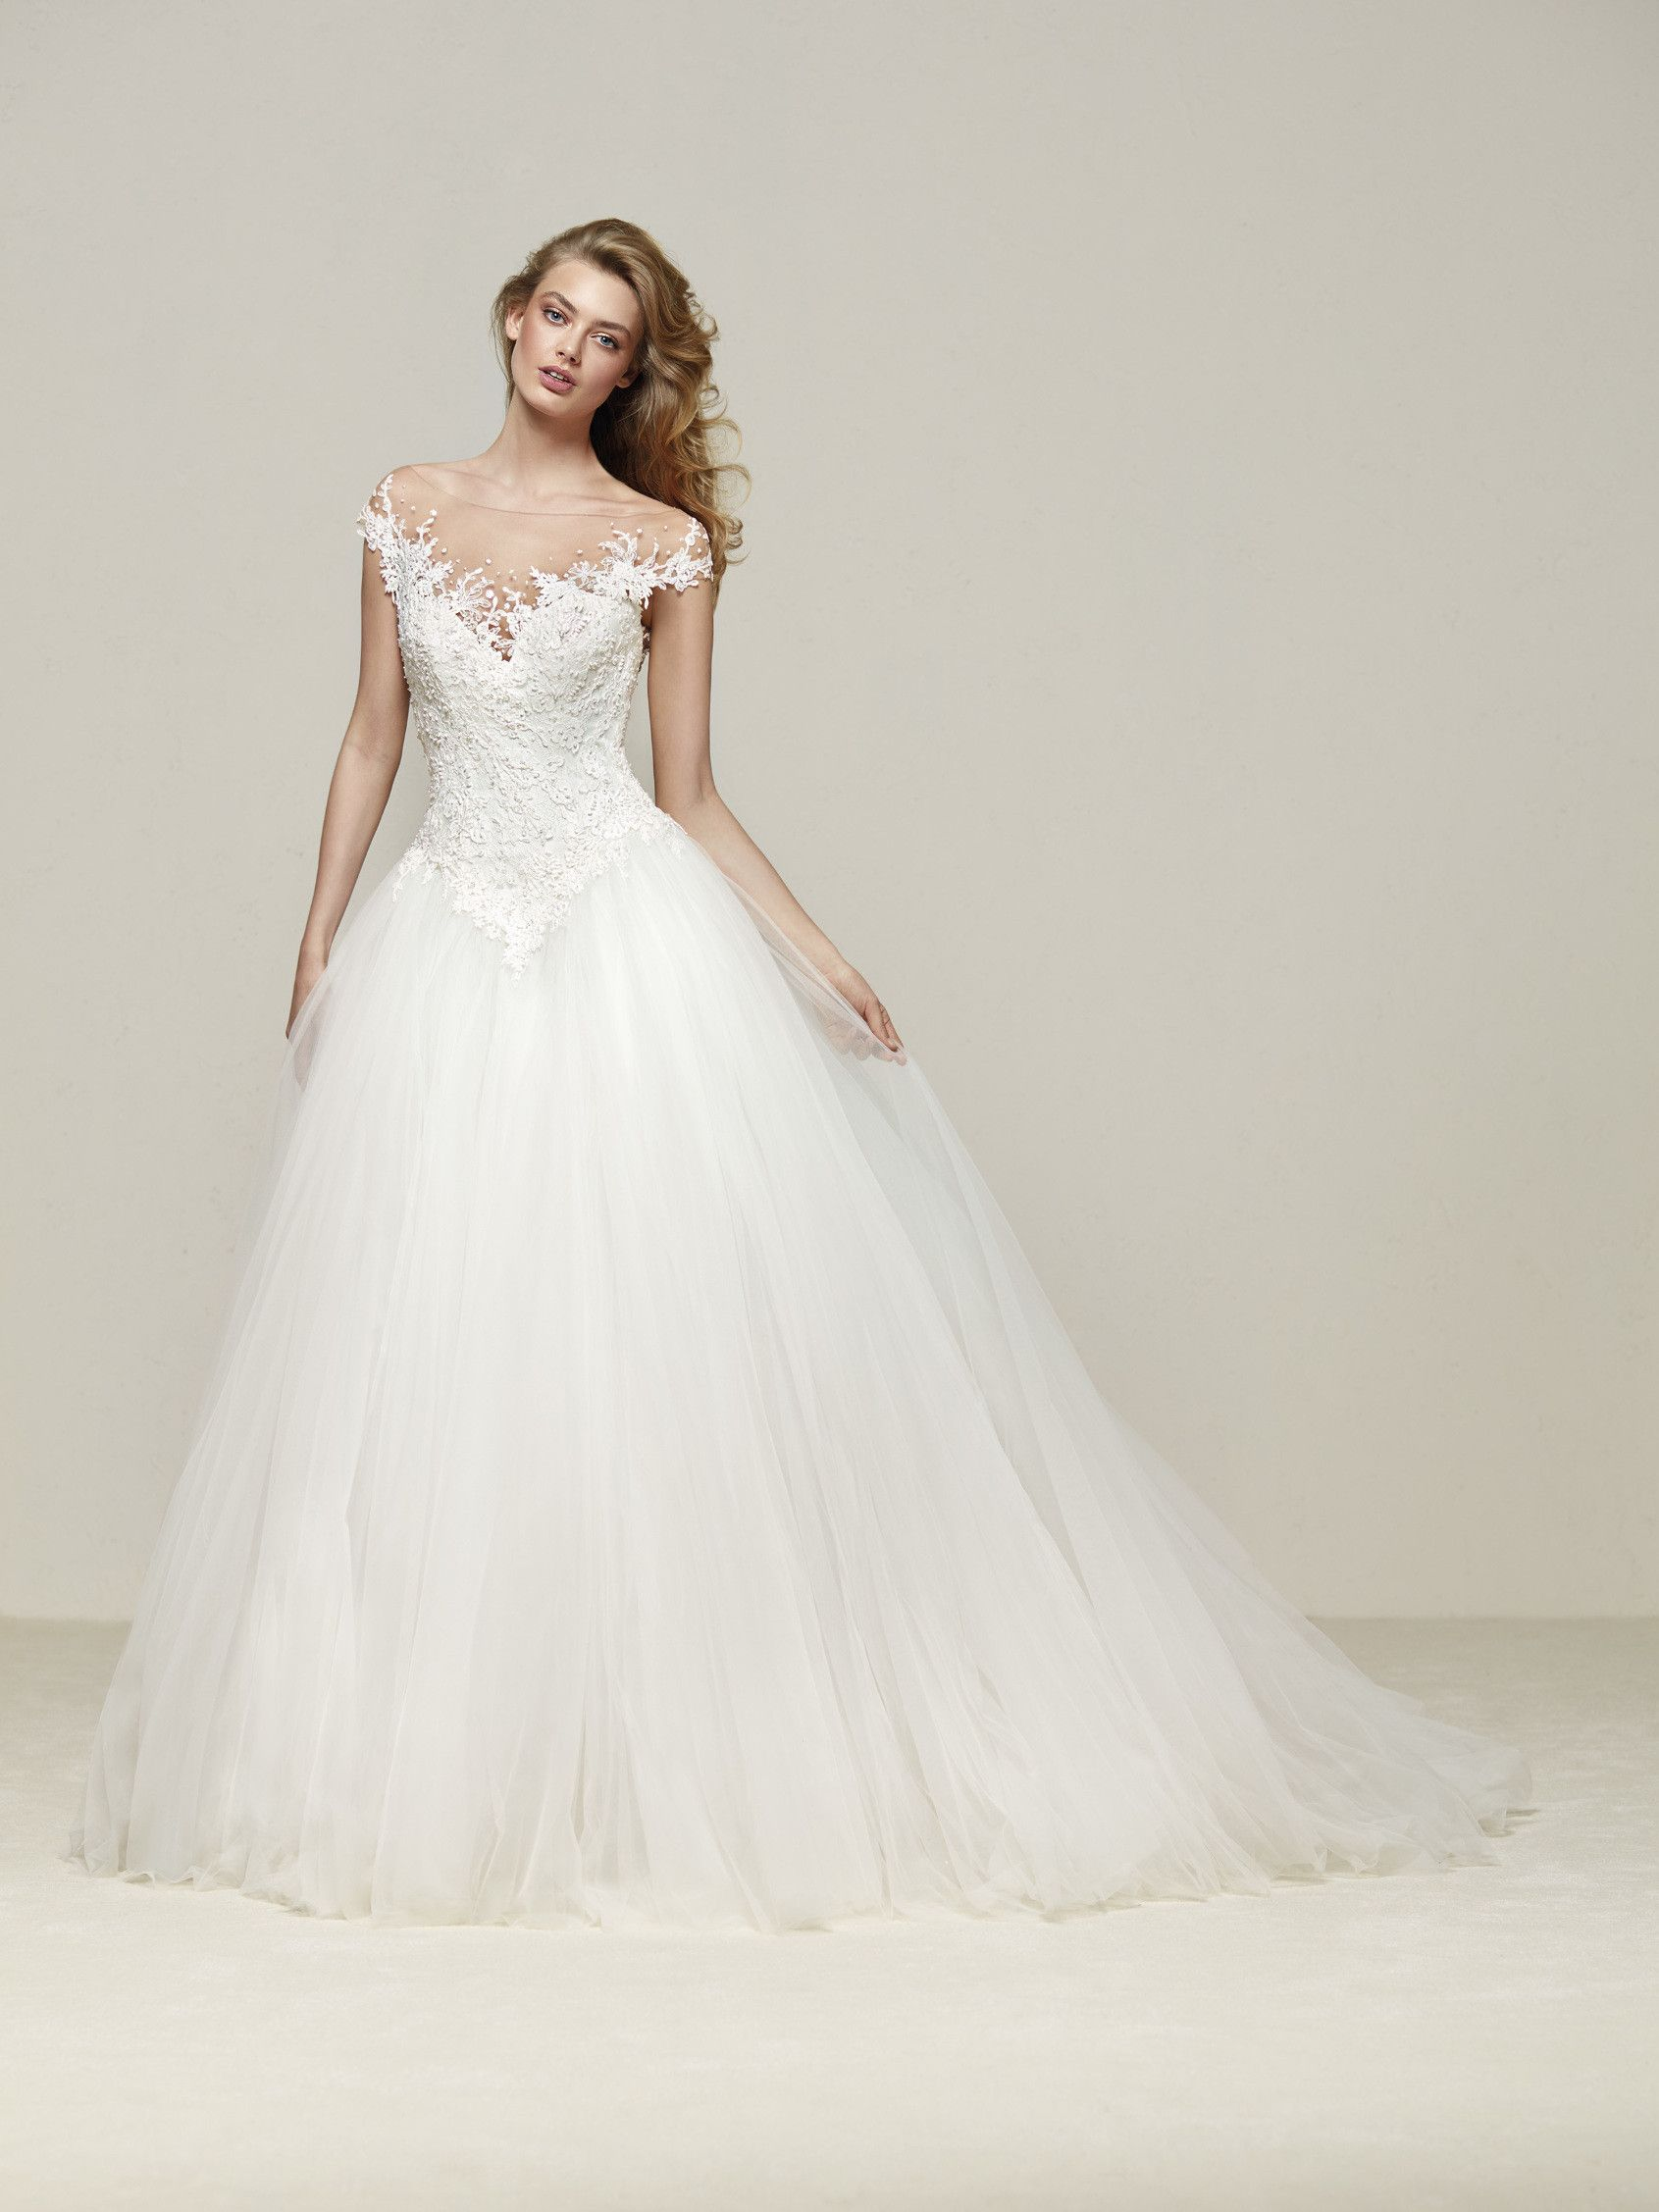 Drosel ist ein romantisches Brautkleid im Prinzessin-Stil ...